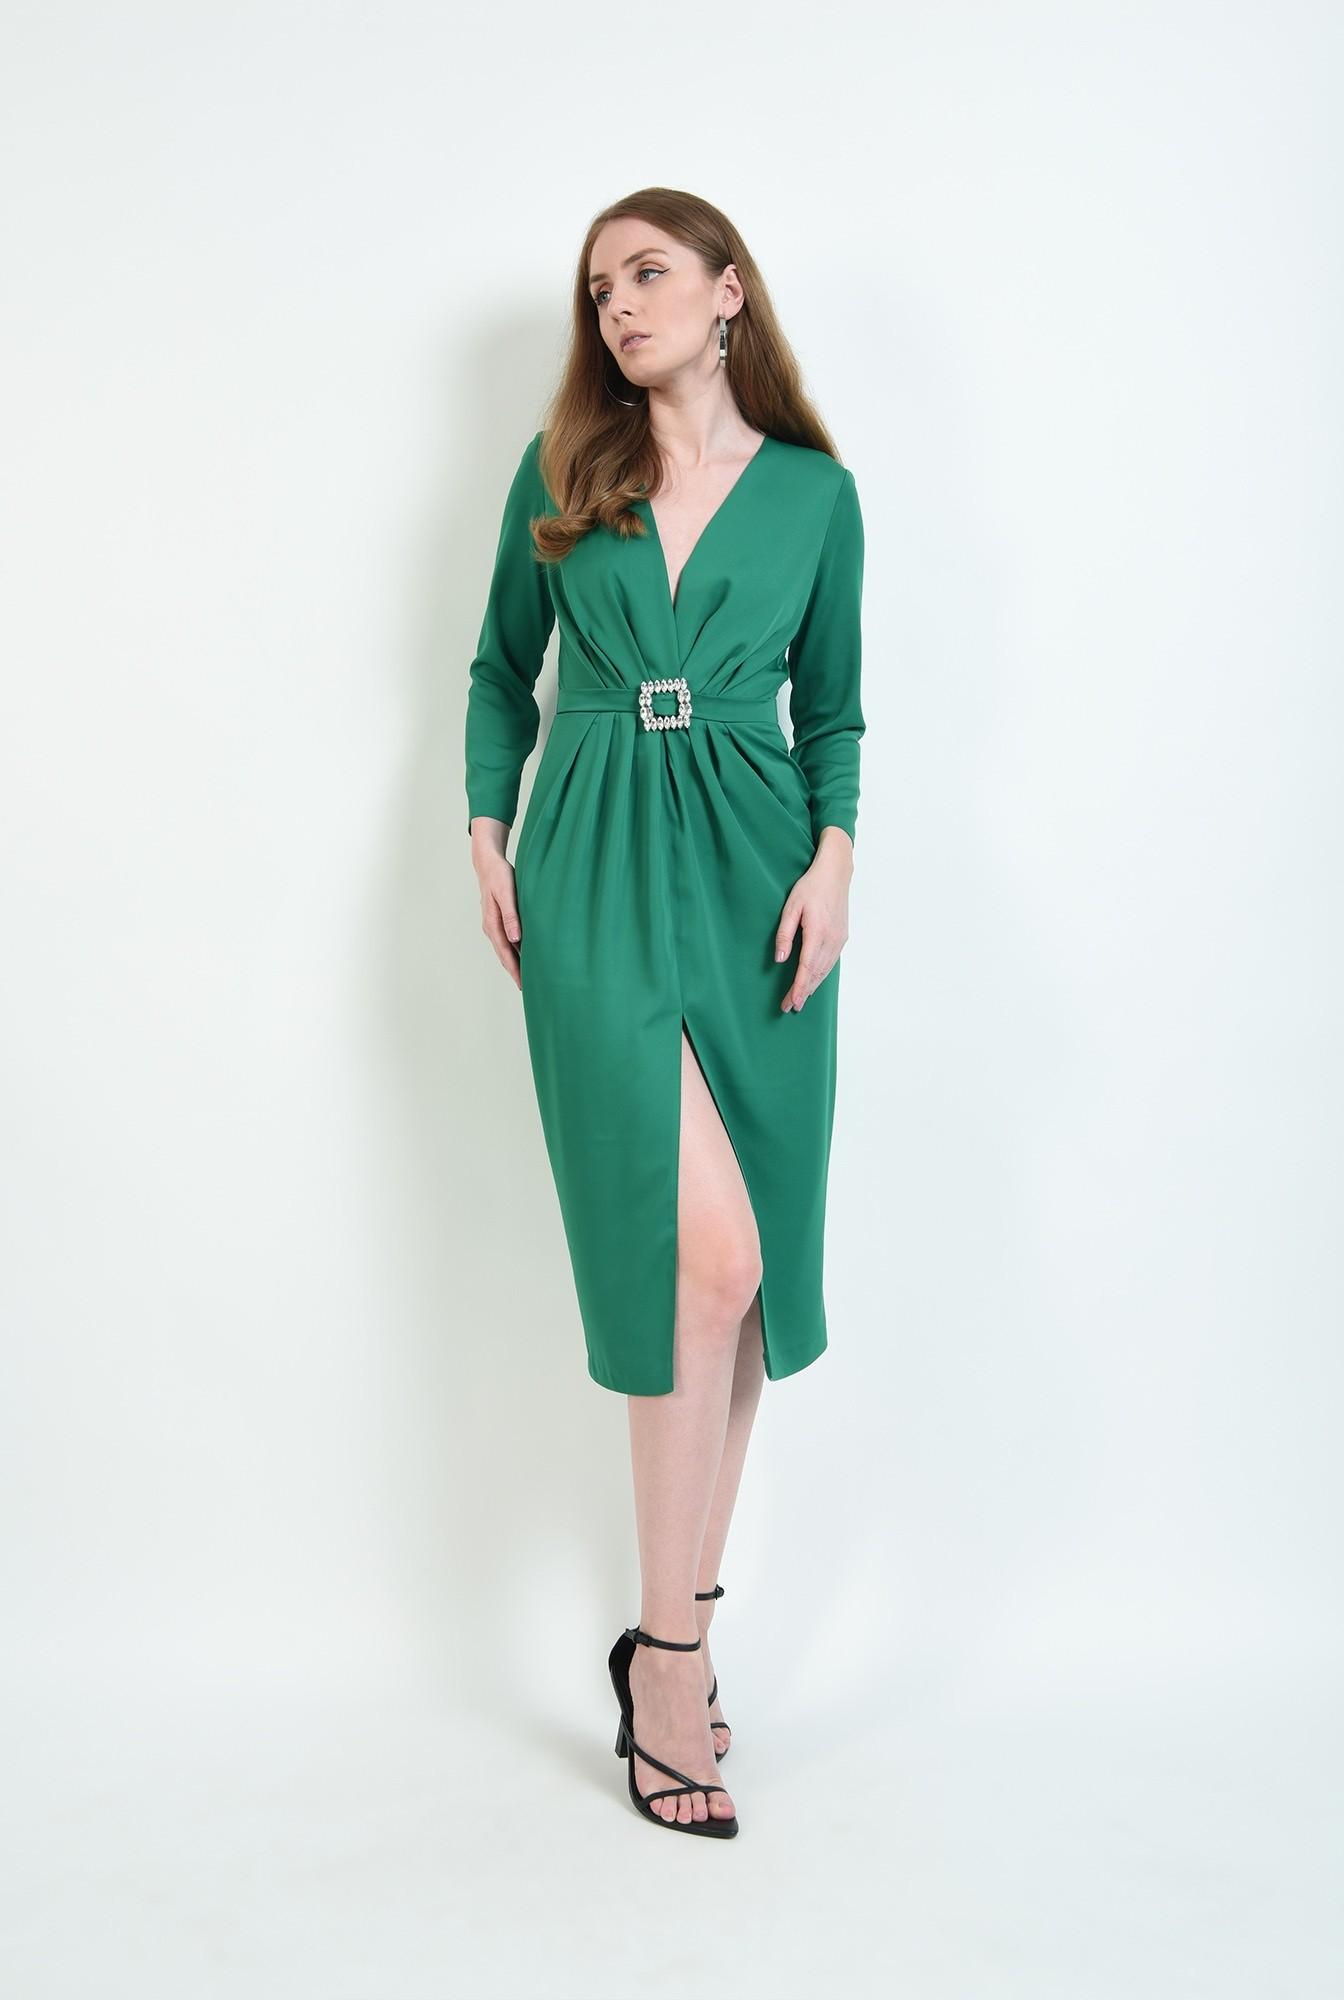 0 - rochie de ocazie, verde, cu detaliu la talie